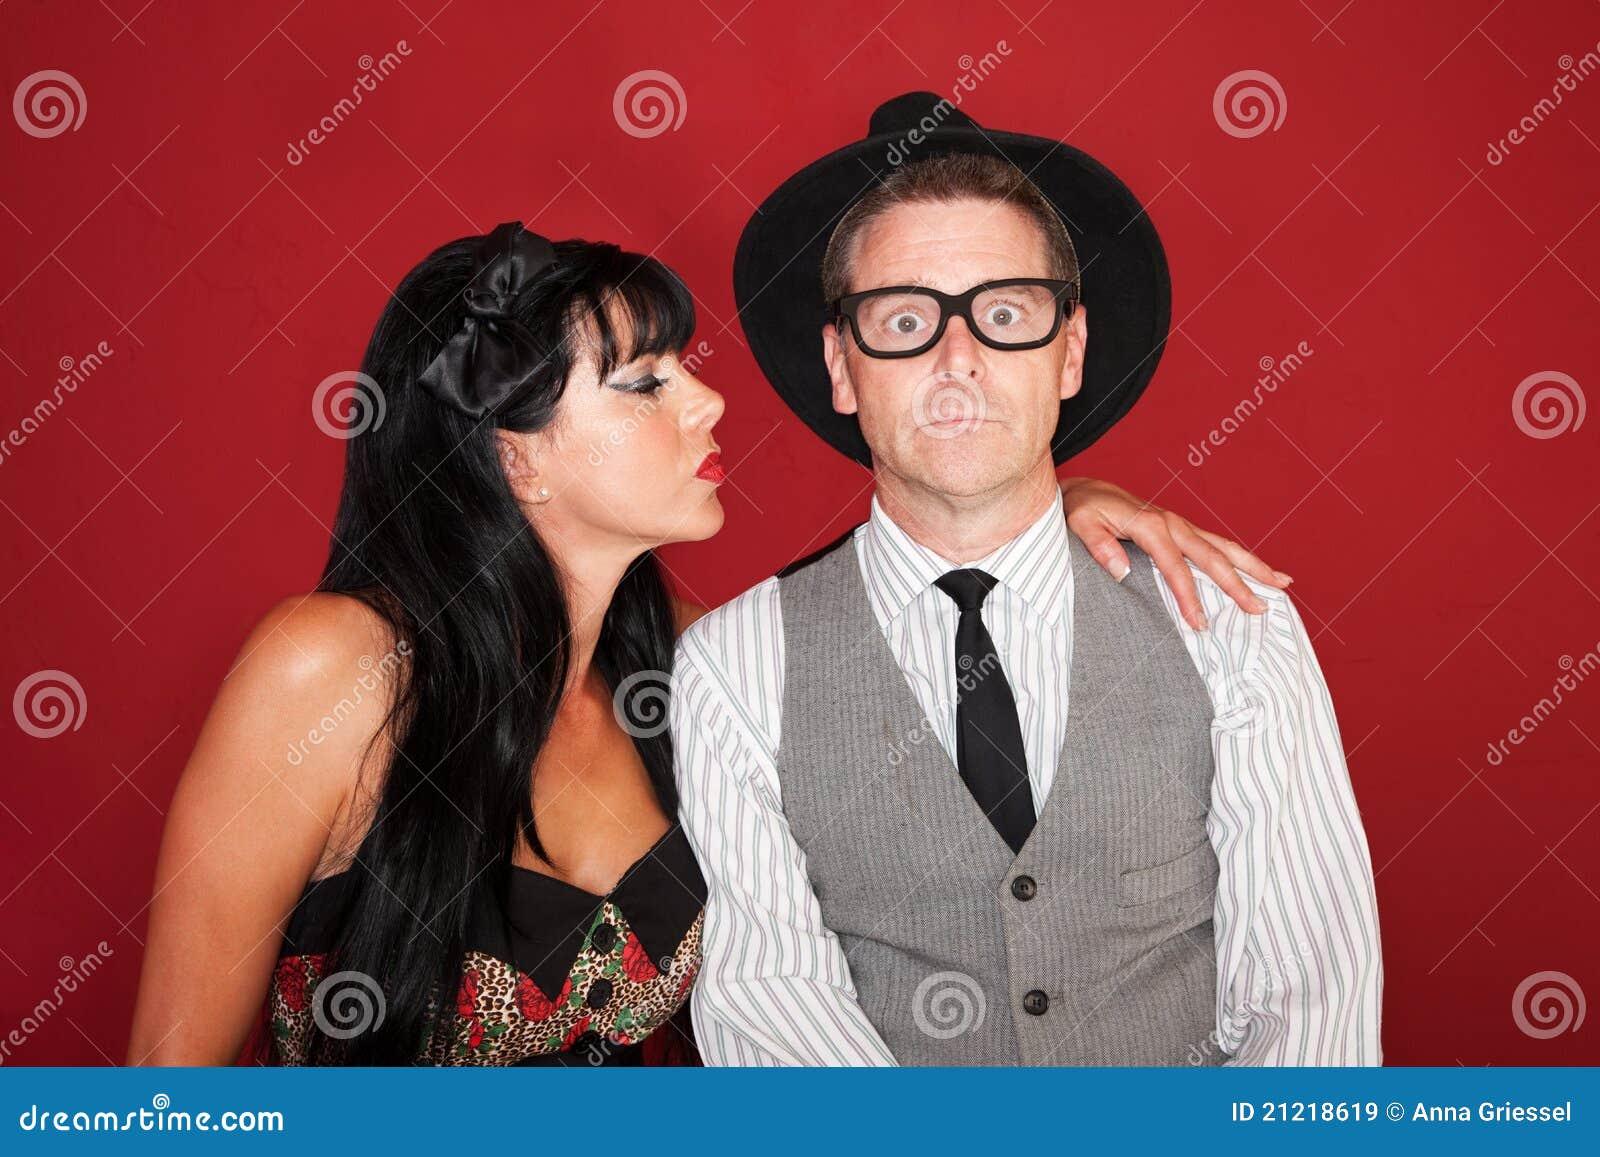 la femme embrasse l 39 homme timide images libres de droits image 21218619. Black Bedroom Furniture Sets. Home Design Ideas